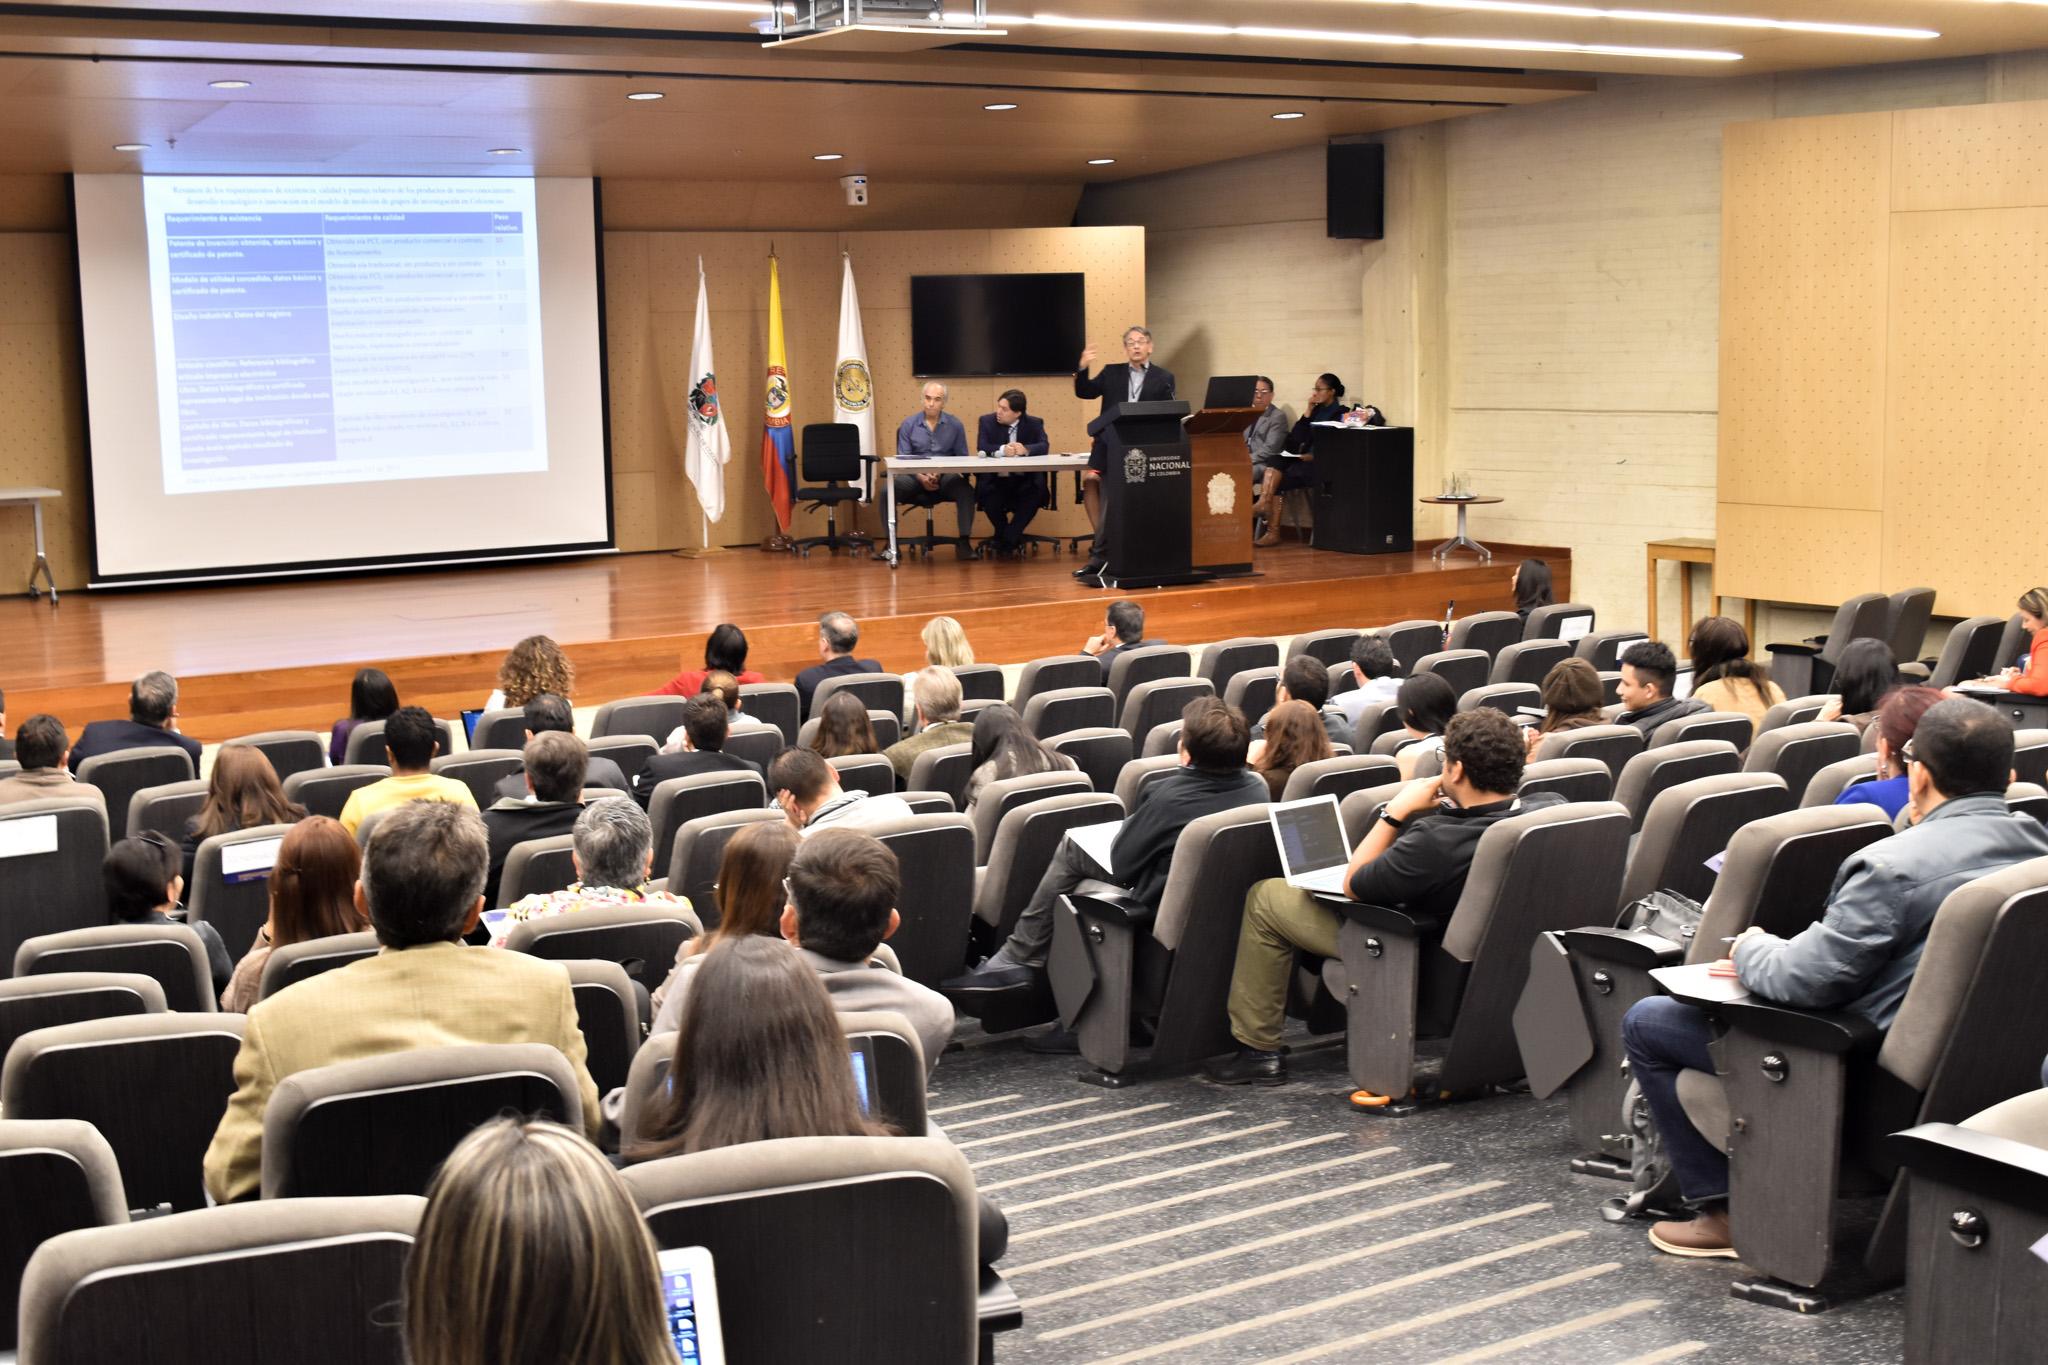 Prof. Gustavo Buitrago, del Centro de Pensamiento en Propiedad Intelectual de la Universidad Nacional de Colombia (Foto: Aura Flechas /Dirección Nacional de Extensión, Innovación y Propiedad Intelectual / Vicerrectoría de Investigación/U. N.)